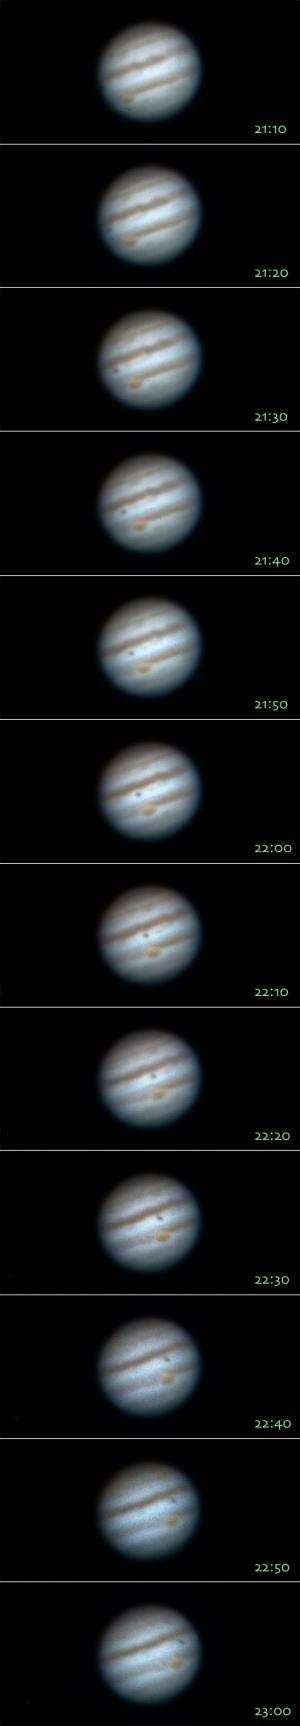 20150221木星の大赤斑、衛星の影